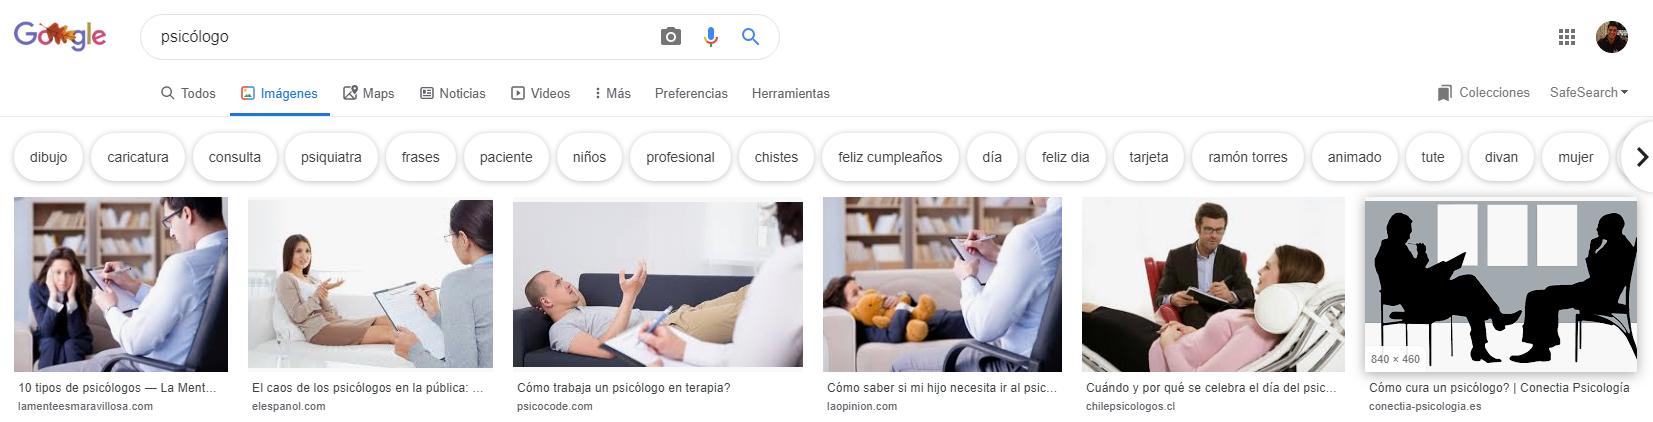 """Búsqueda término """"psicólogo"""" en Google."""